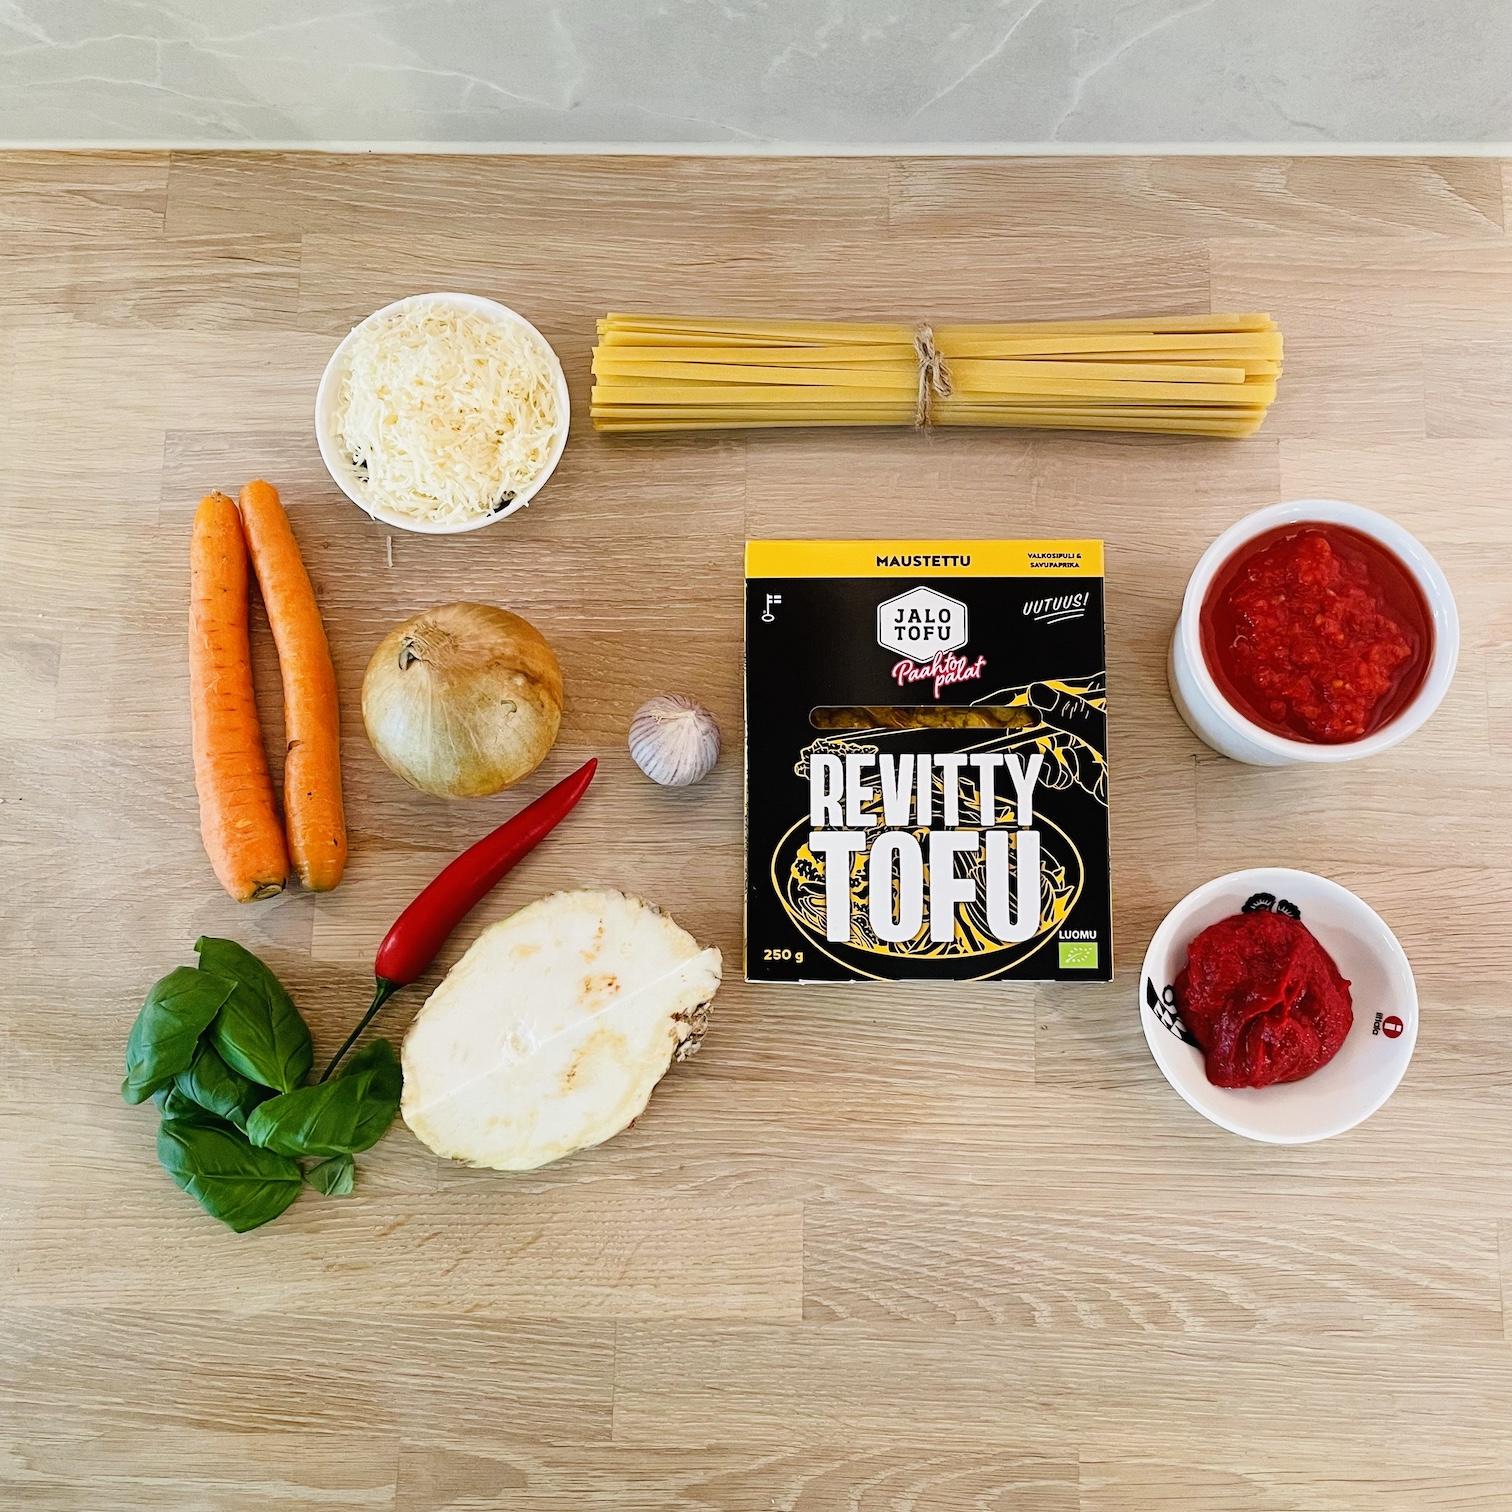 Revitty tofu